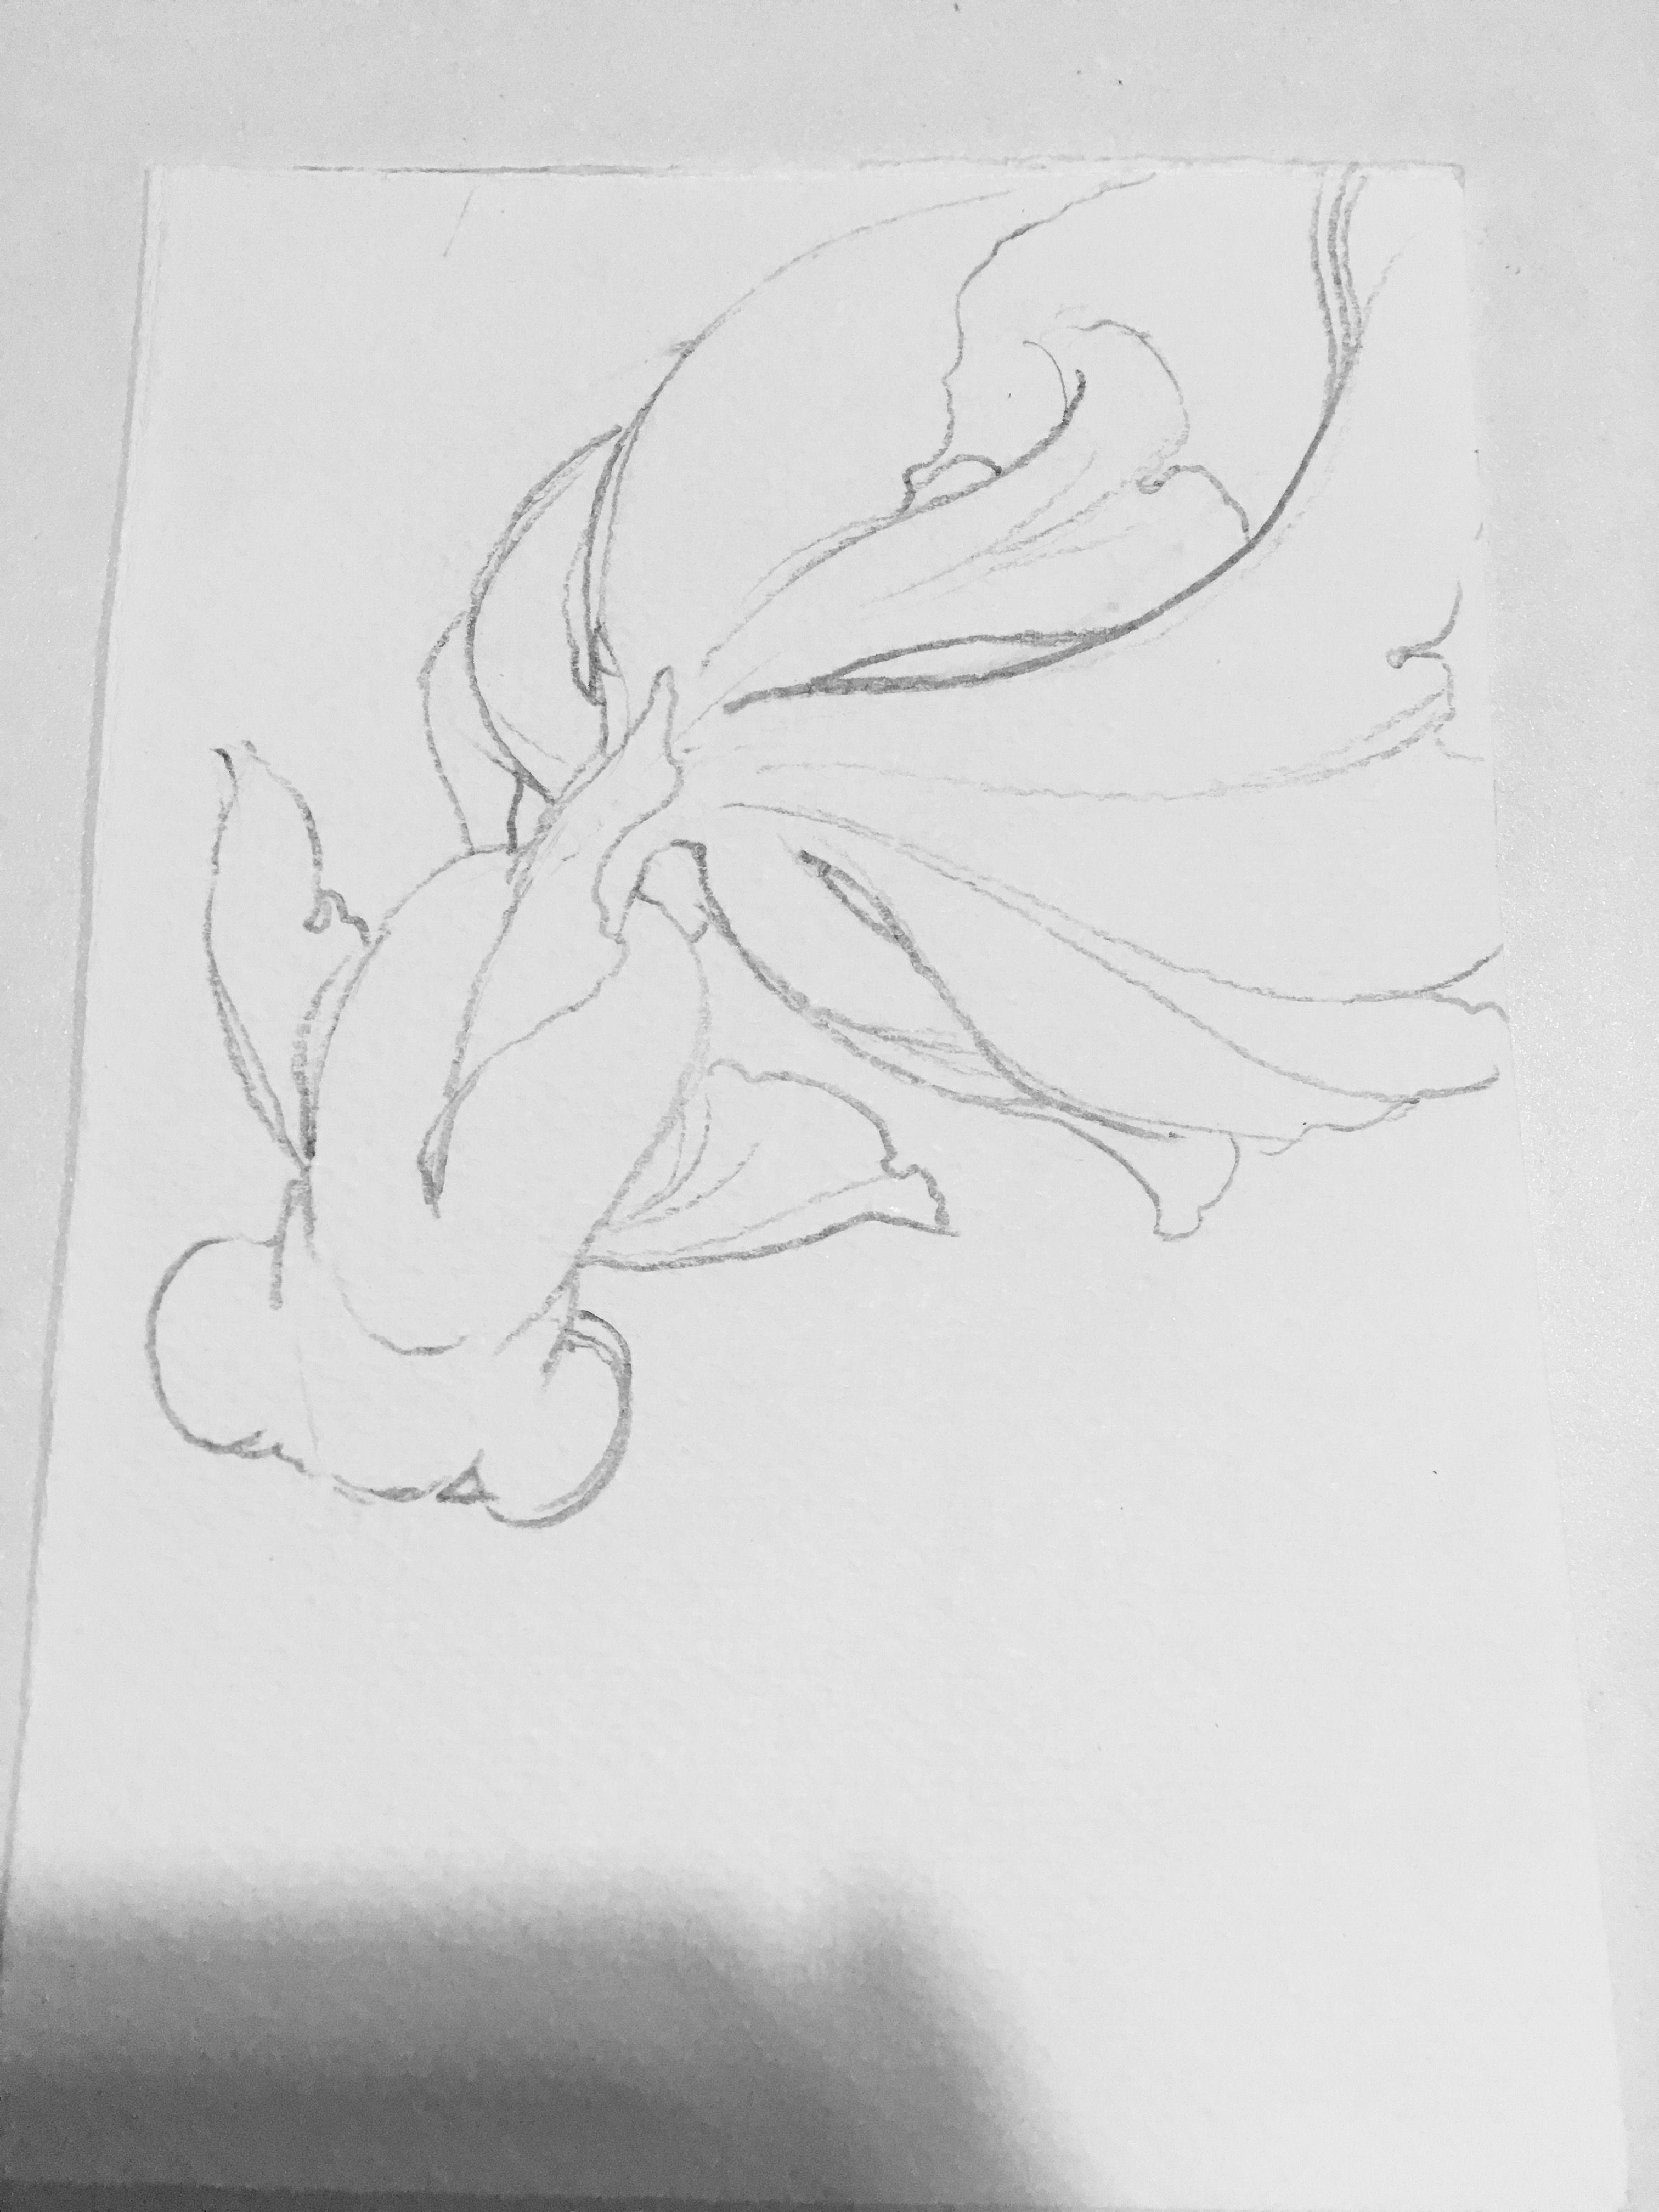 Pin de 森 en 金魚 | Pinterest | Acuarela, Dibujo y Anatomía